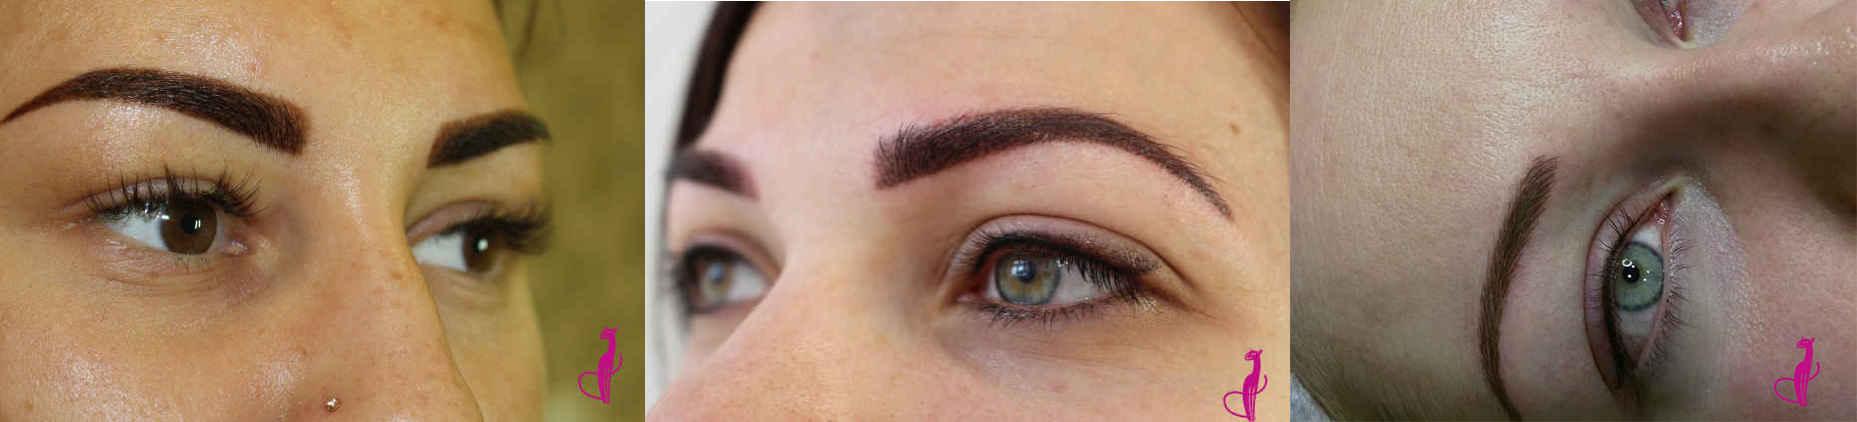 Перманентный макияж бровей при жирной коже